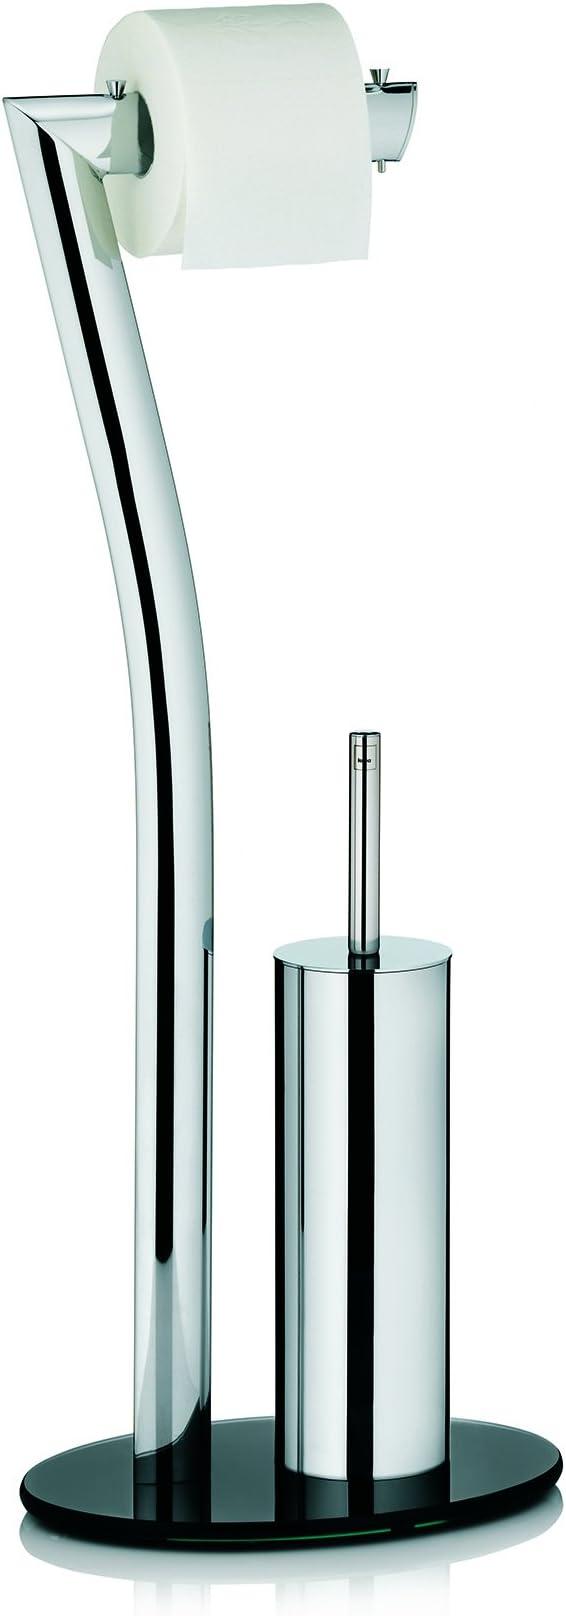 Kela WC Bürstentopf und Papierhalterung Toilettengarnitur Metall Seven 71cm Verchromt